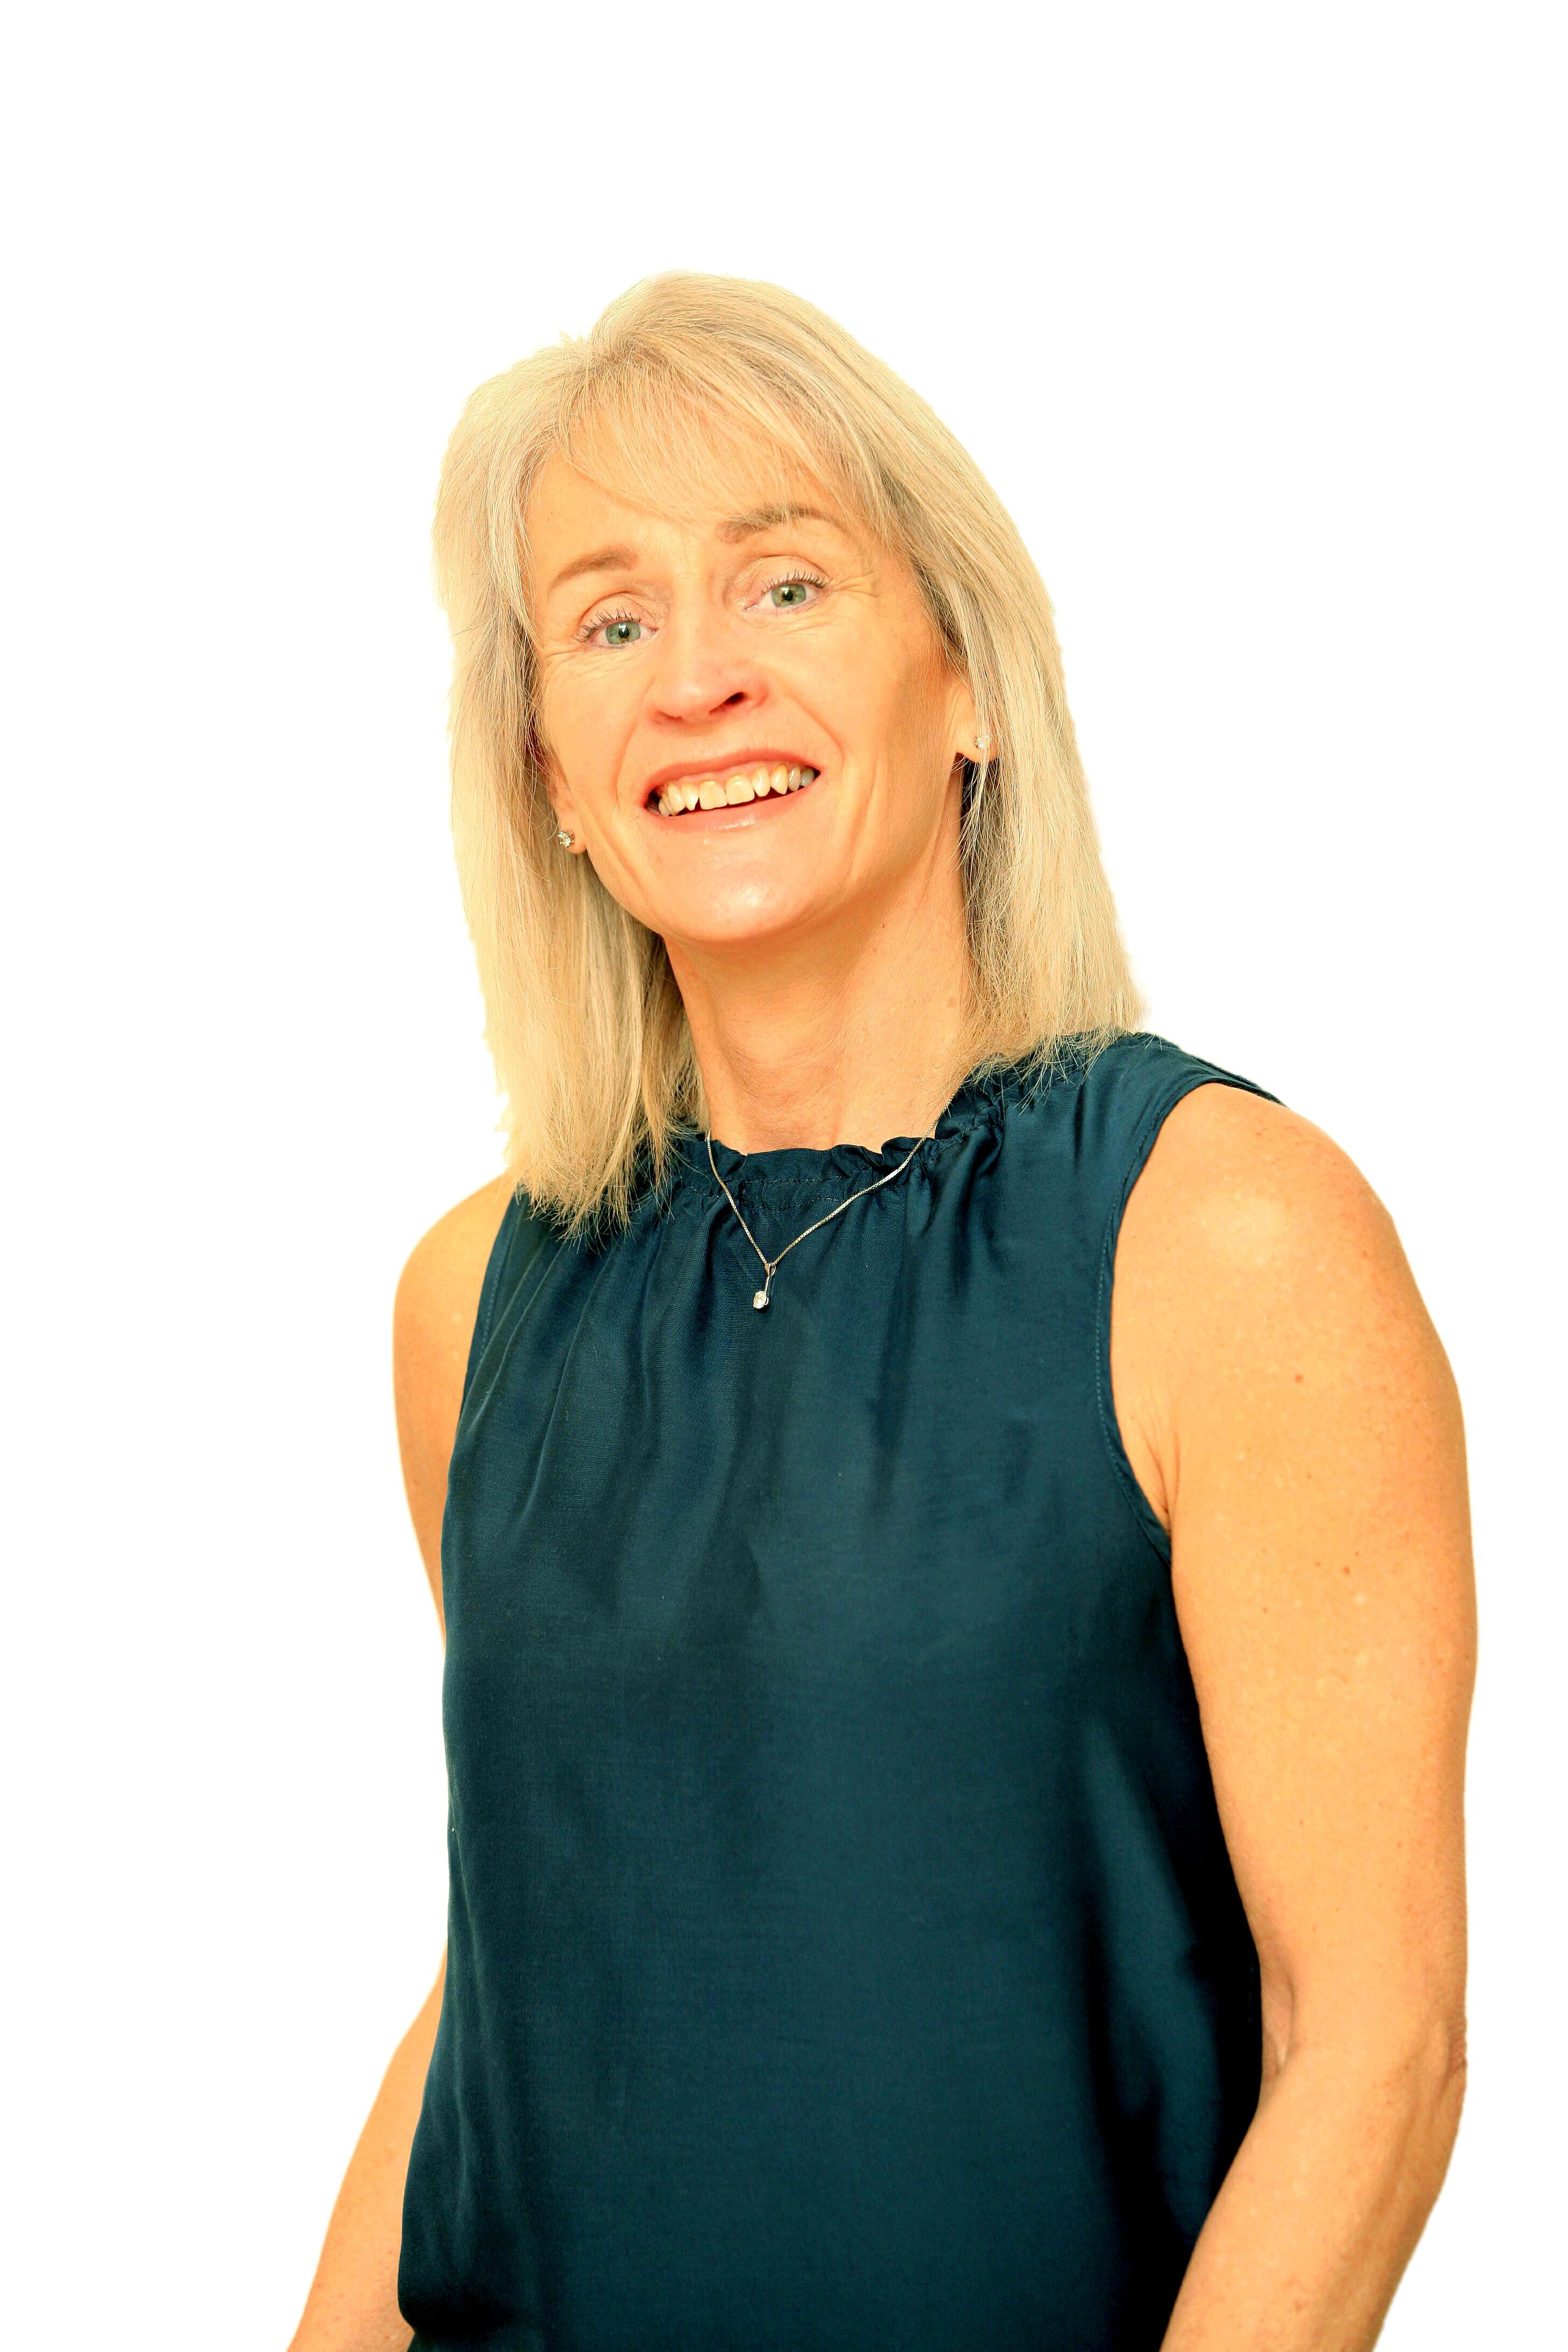 Profile Image of Sarah Perris